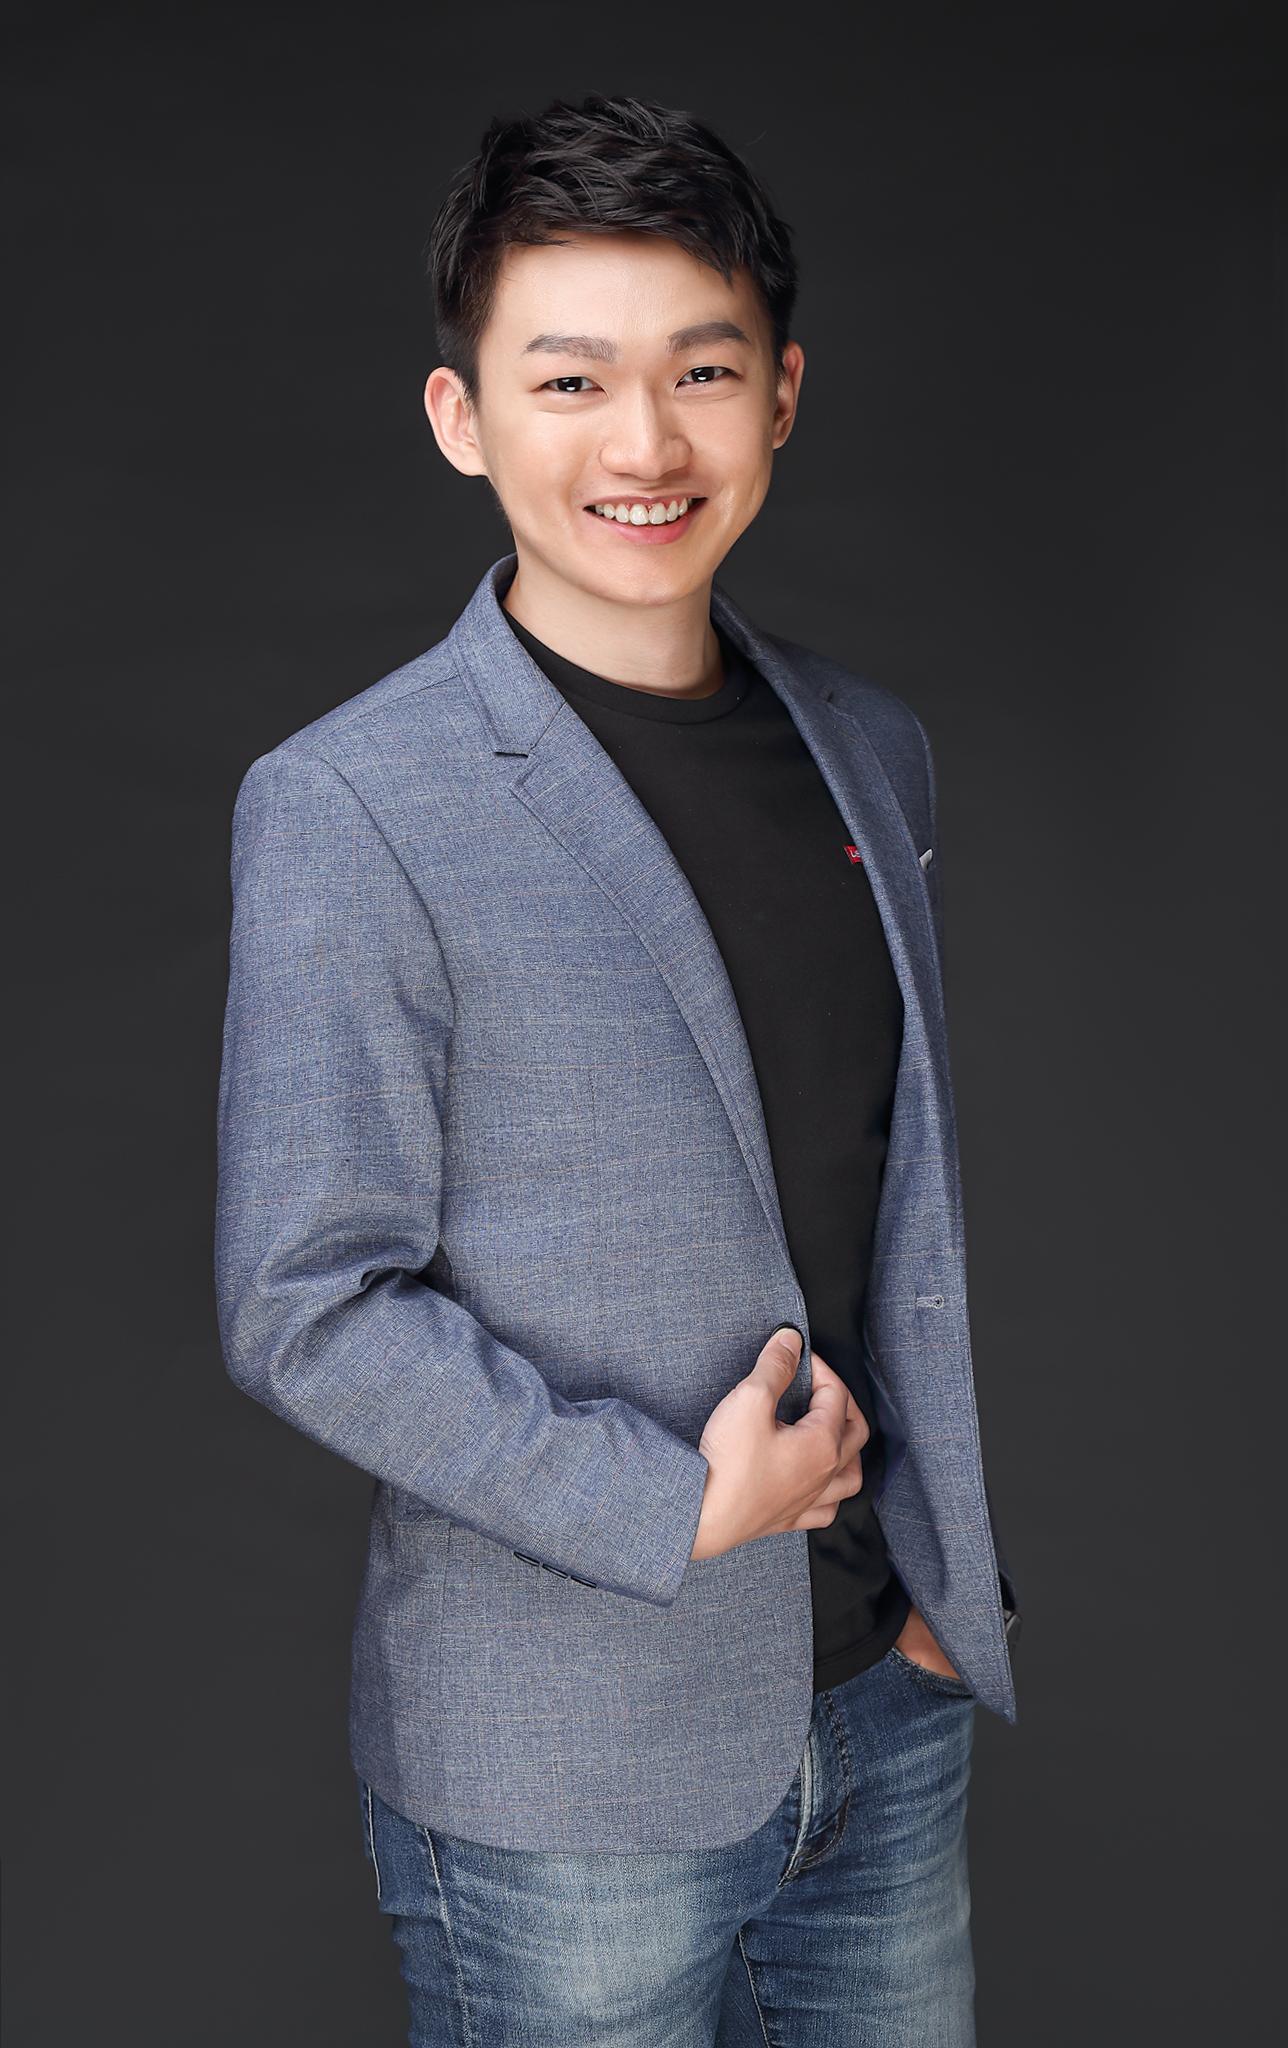 Speaker Frank Yang's avatar